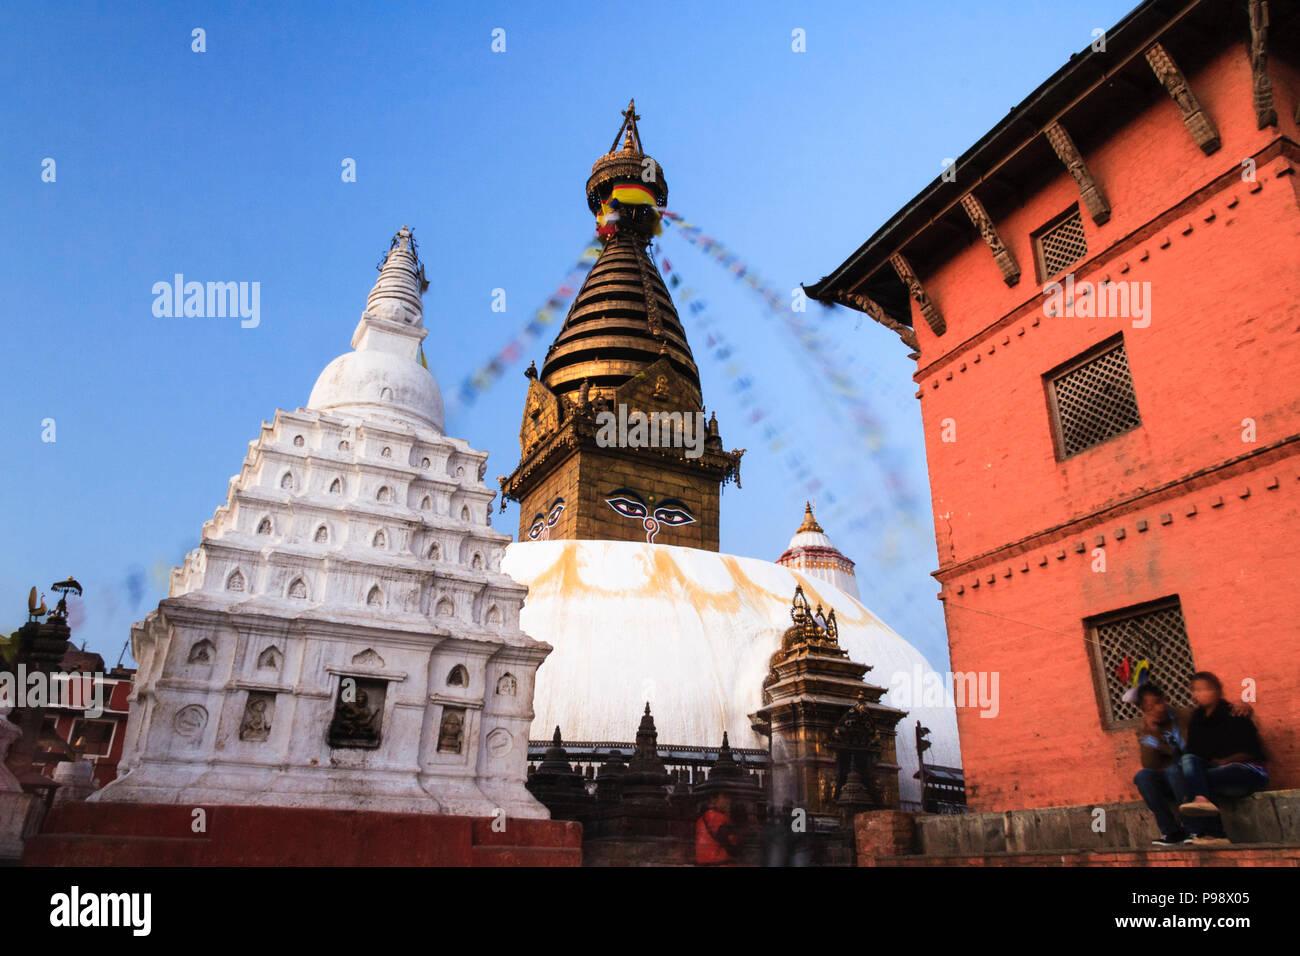 Kathmandu Valley, Nepal : Swayambhunath Buddhist stupa (aka Monkey Temple) west of Katmandu city. - Stock Image